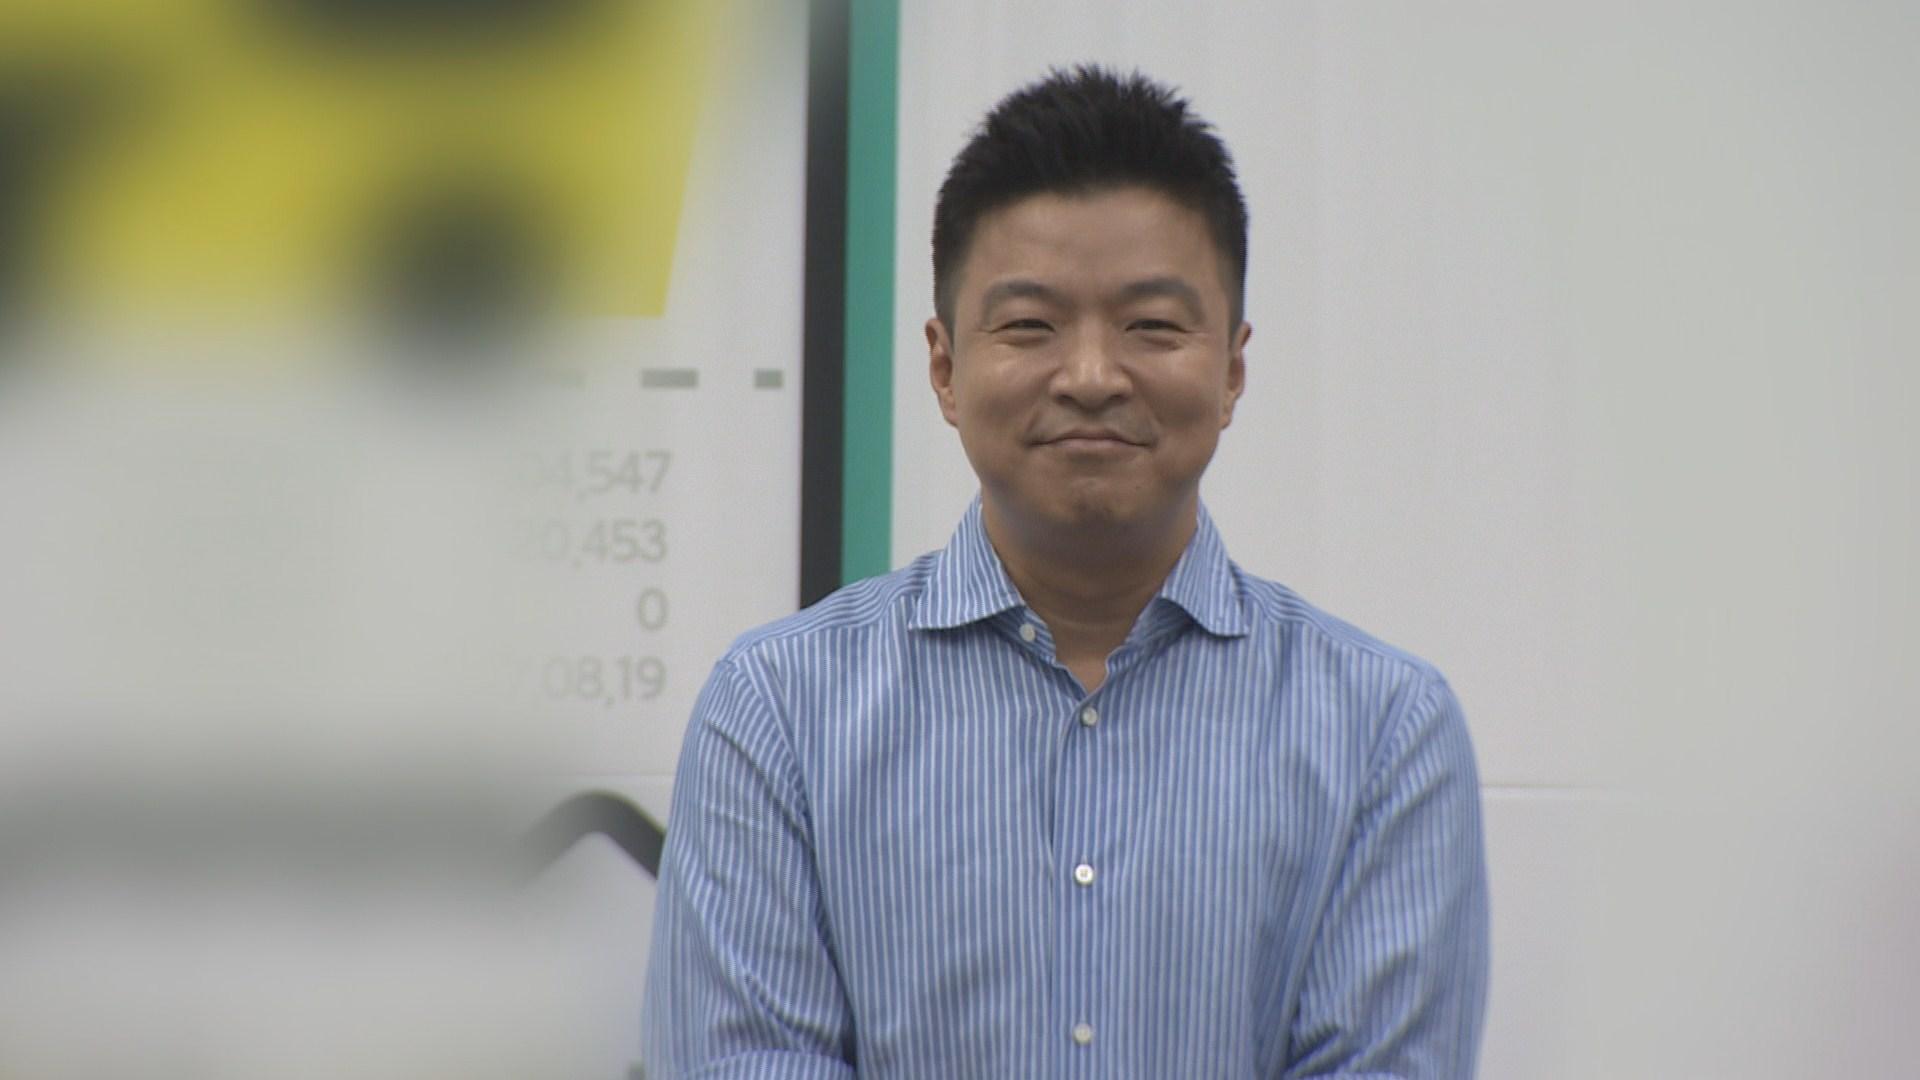 김생민, 미투 후 1년 5개월만에 팟캐스트로 복귀 시동